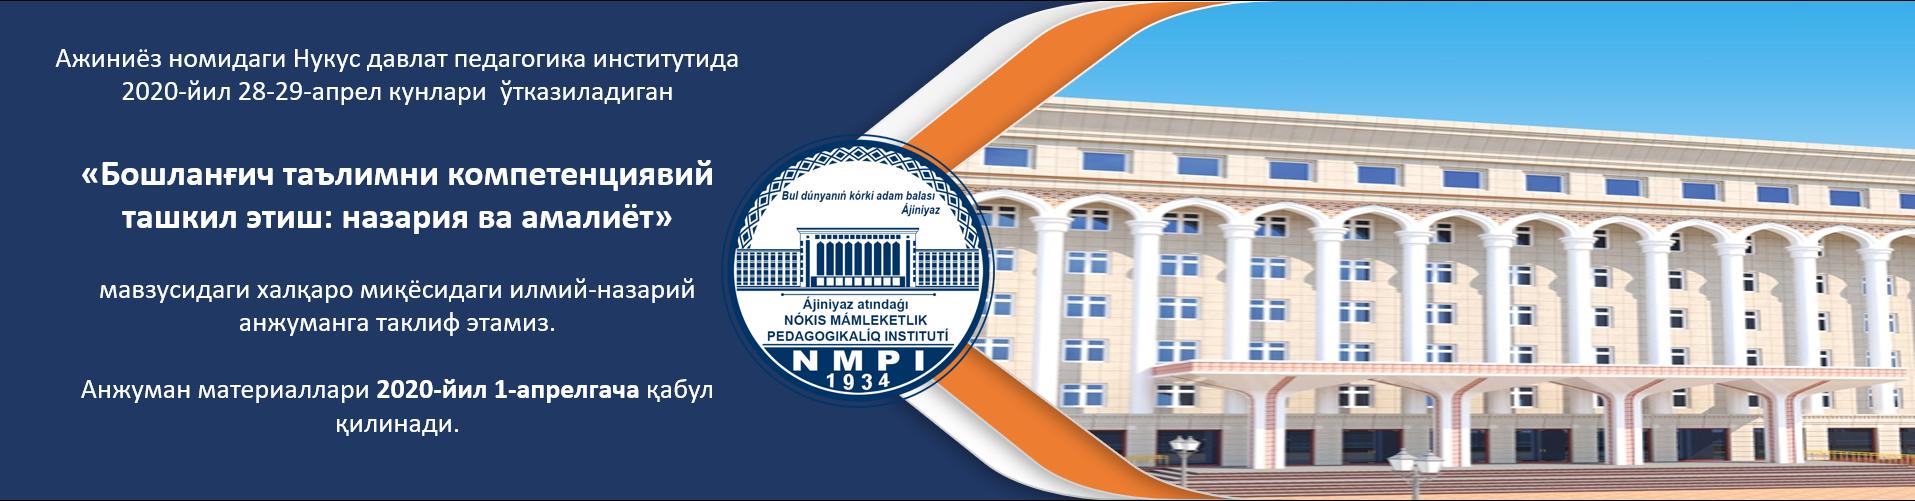 konf4 - Халықаралық илимий-теориялық конференция